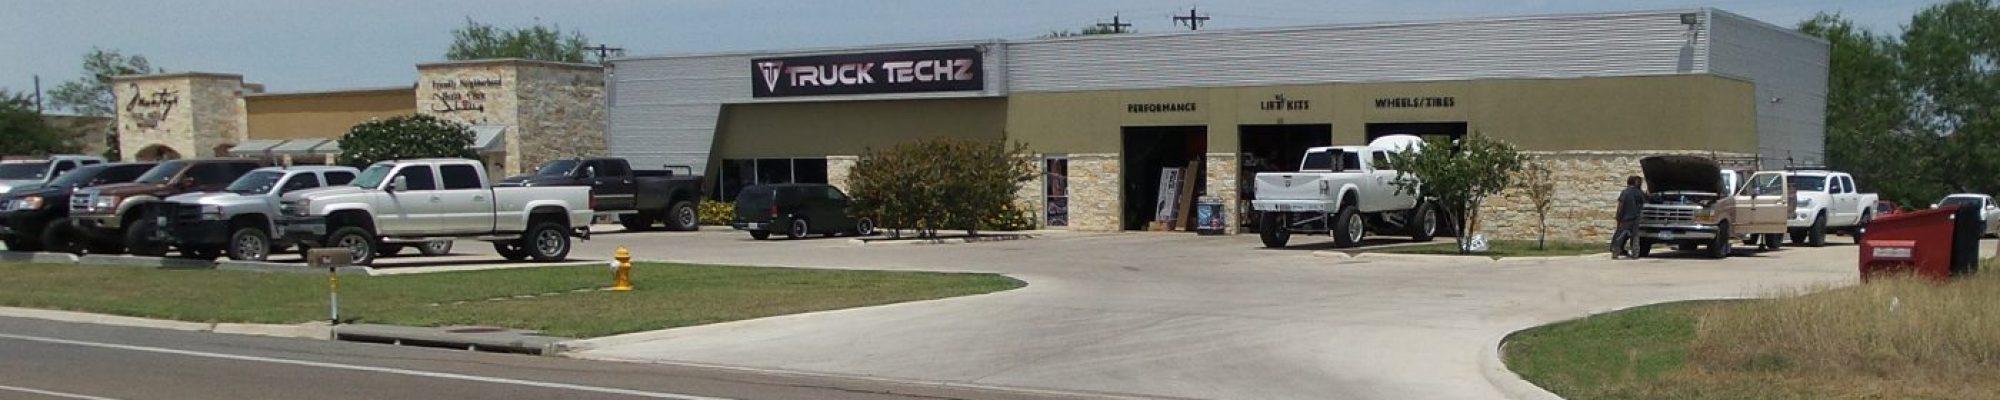 TruckTechz